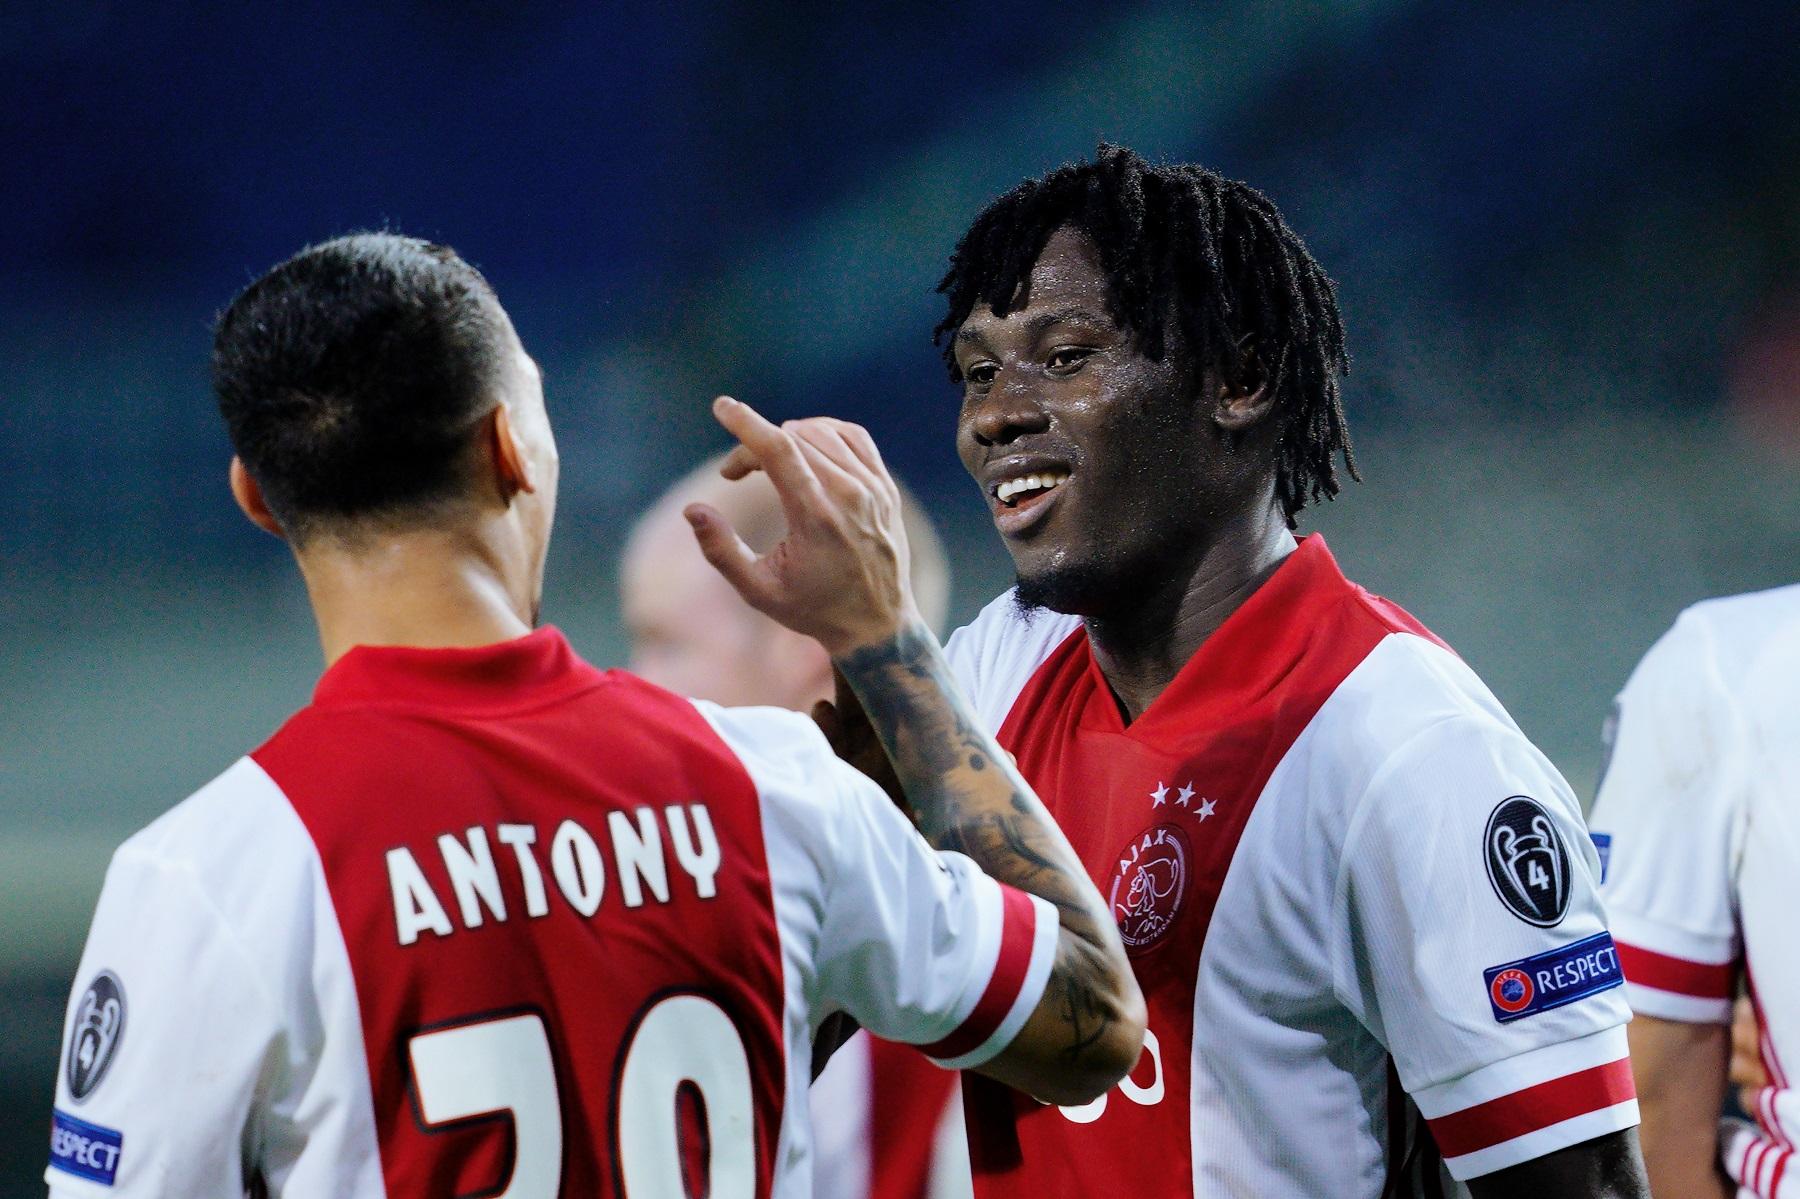 Atalanta Bergamo v Ajax - UEFA Champions League